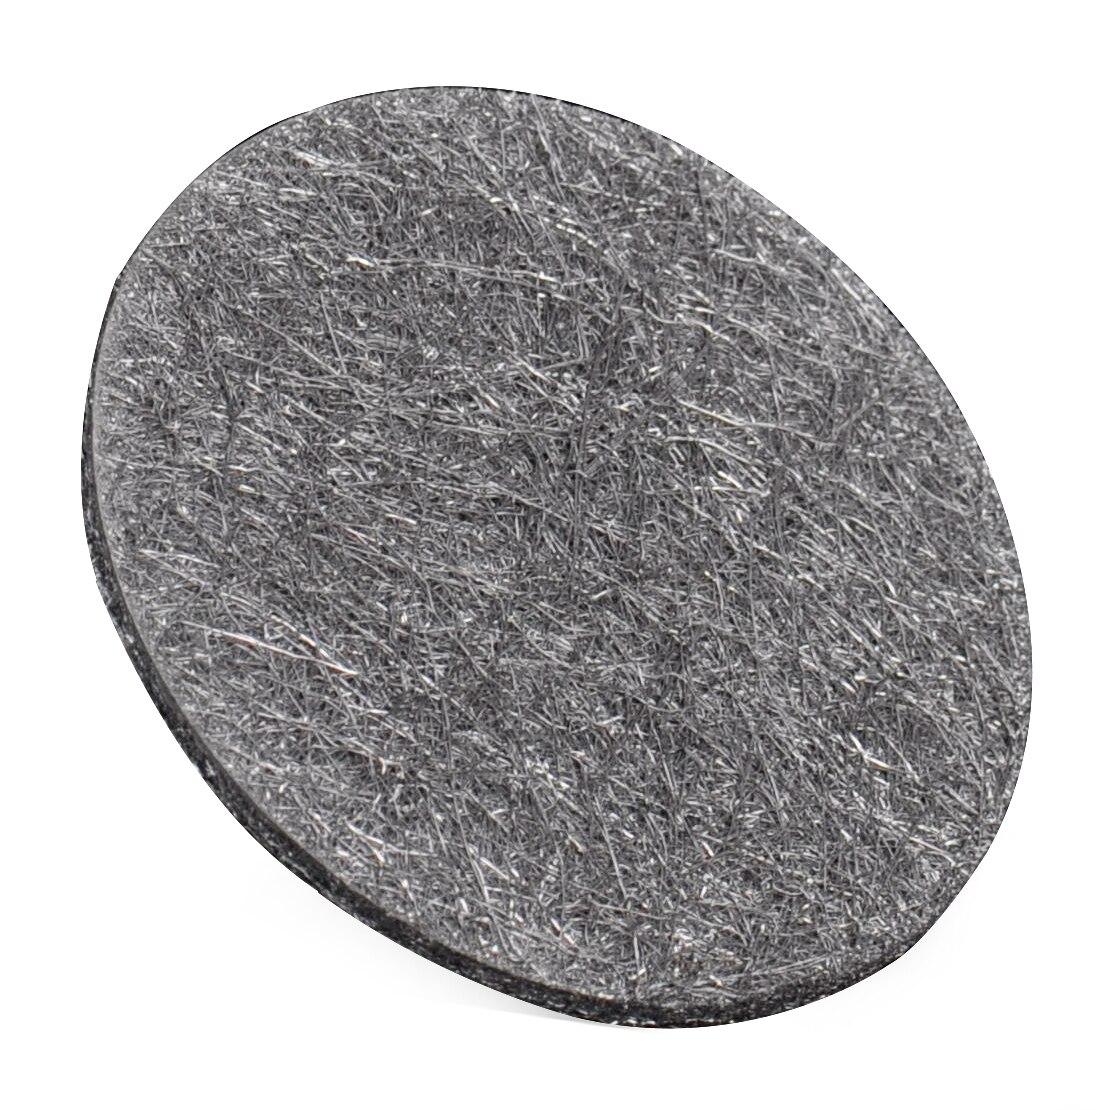 DWCX métal argent chauffage brûleur écran tampon pièce de rechange pour Webasto Thermo Top E/C/V EVO 4/5 4cm x 0.35cm (1.57x0.13 pouces)